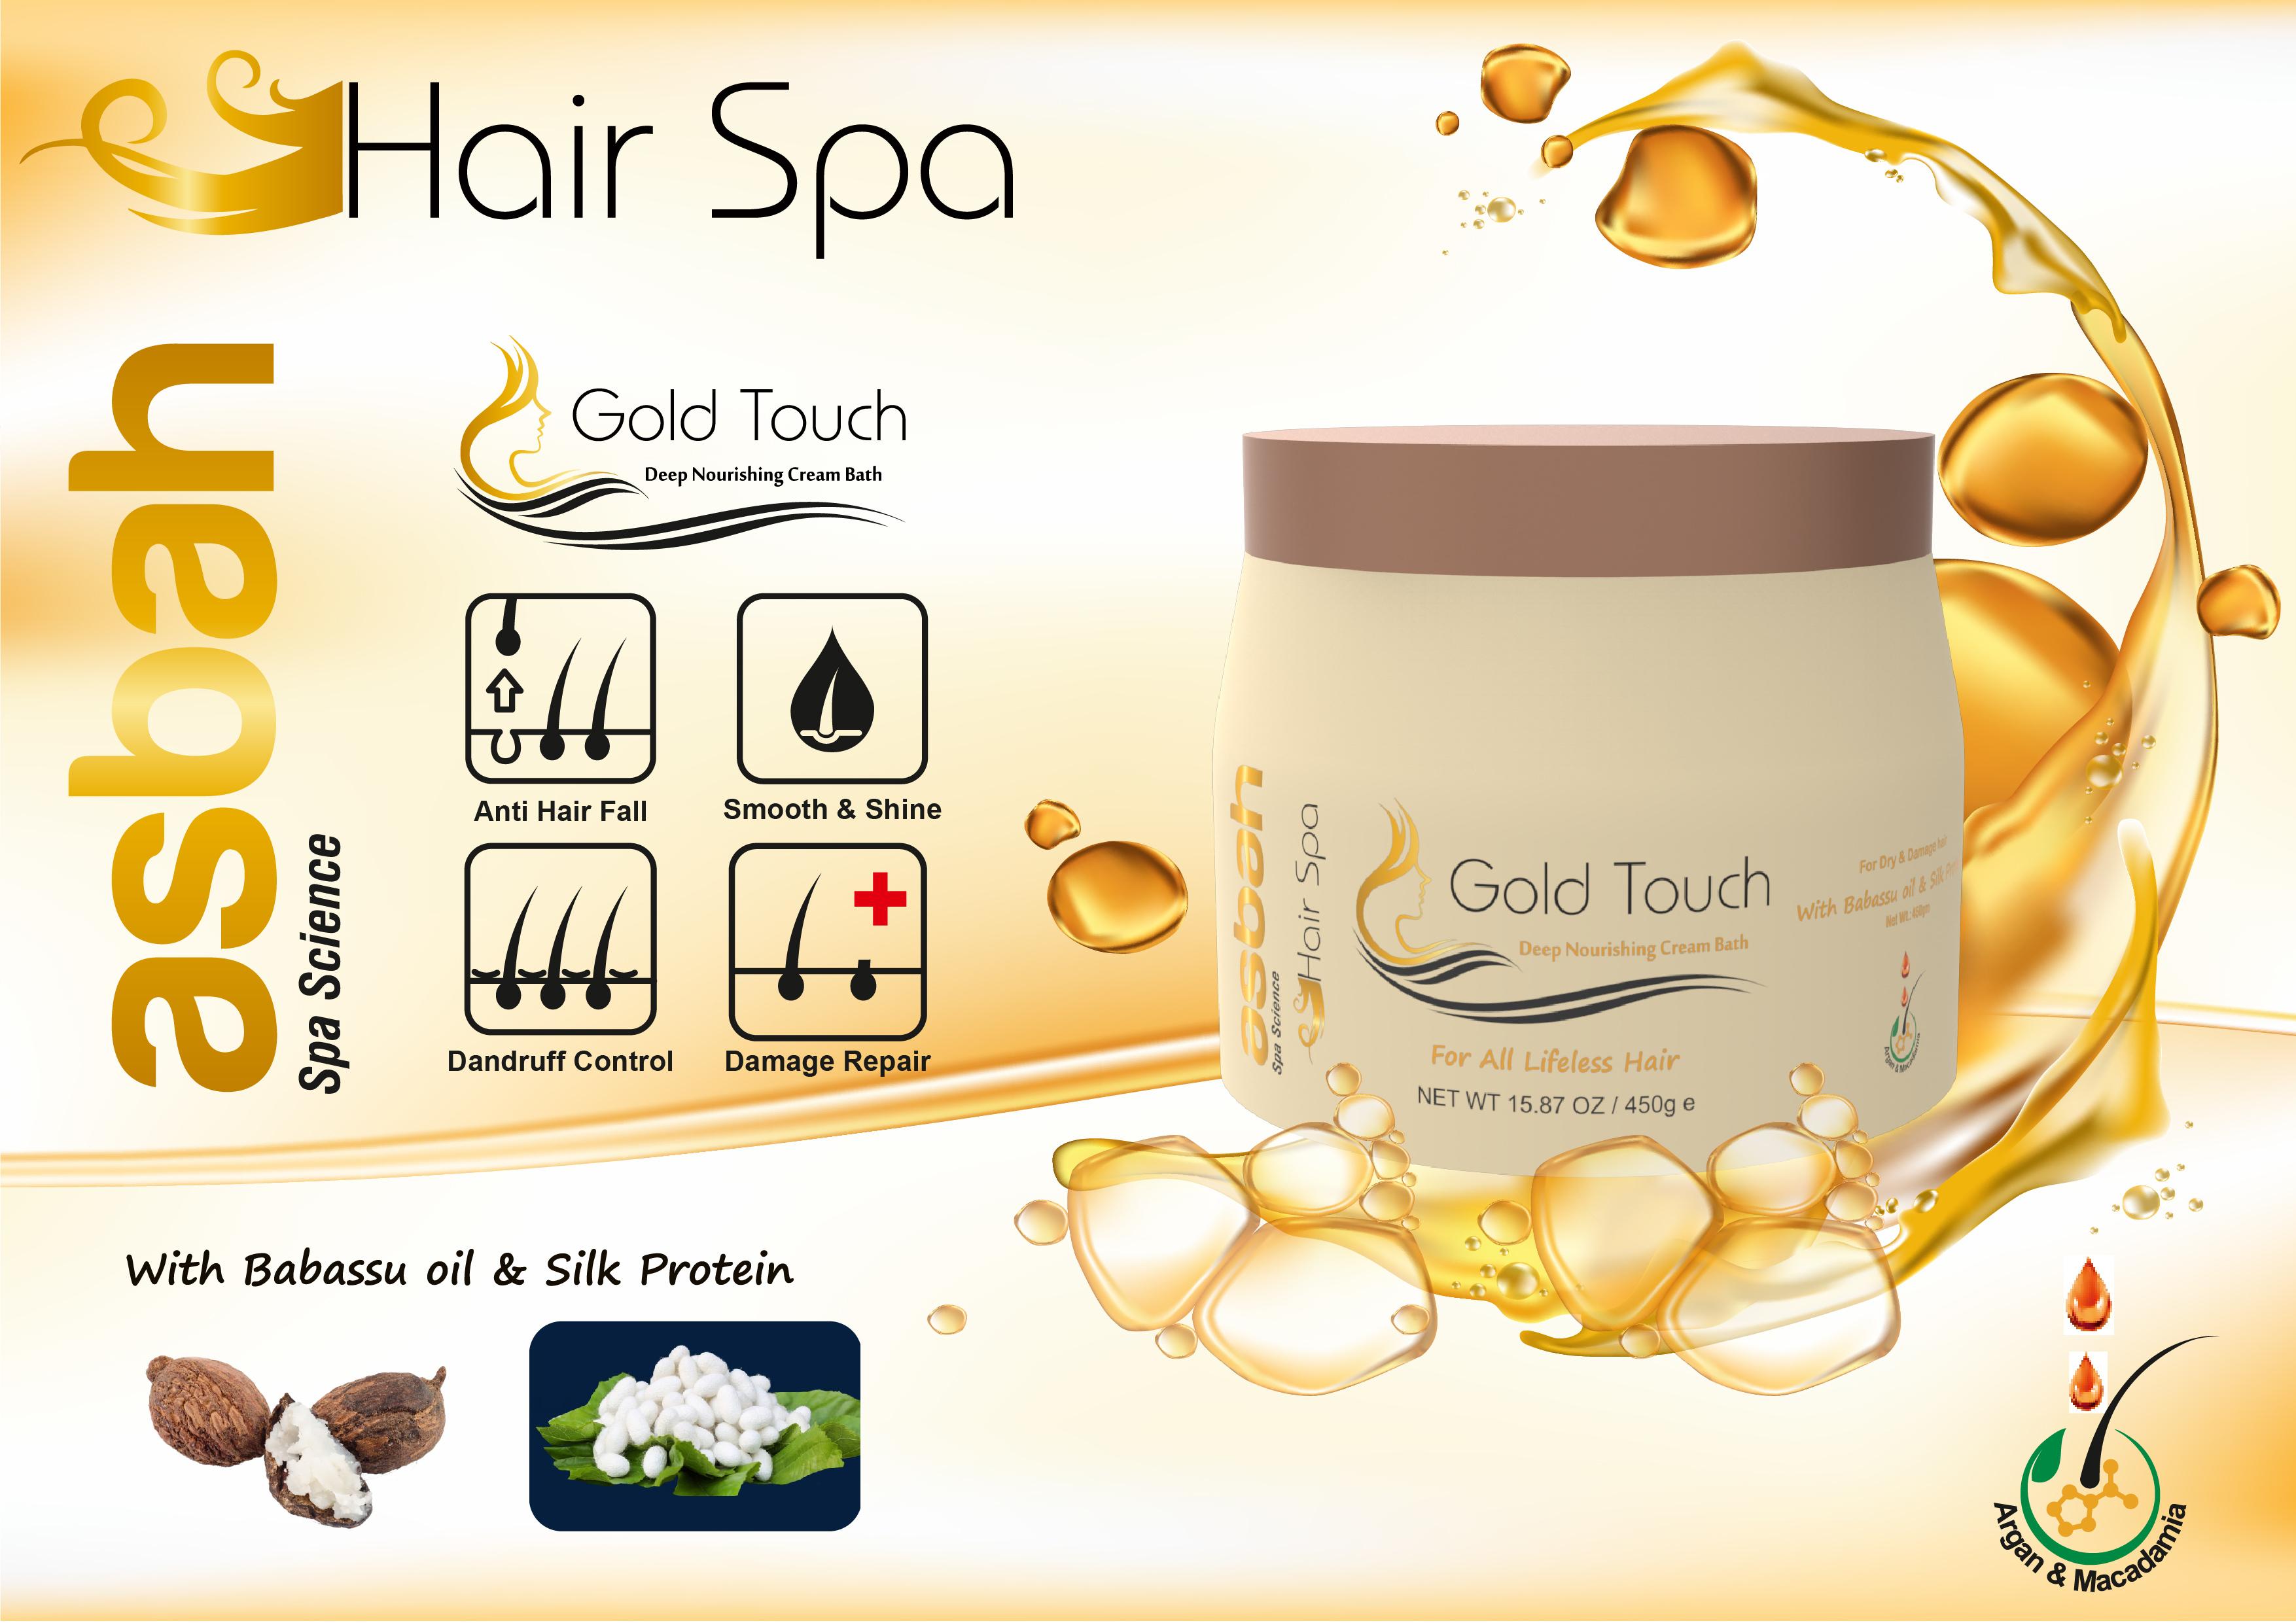 GOLD TOUCH HAIR SPA CREAM